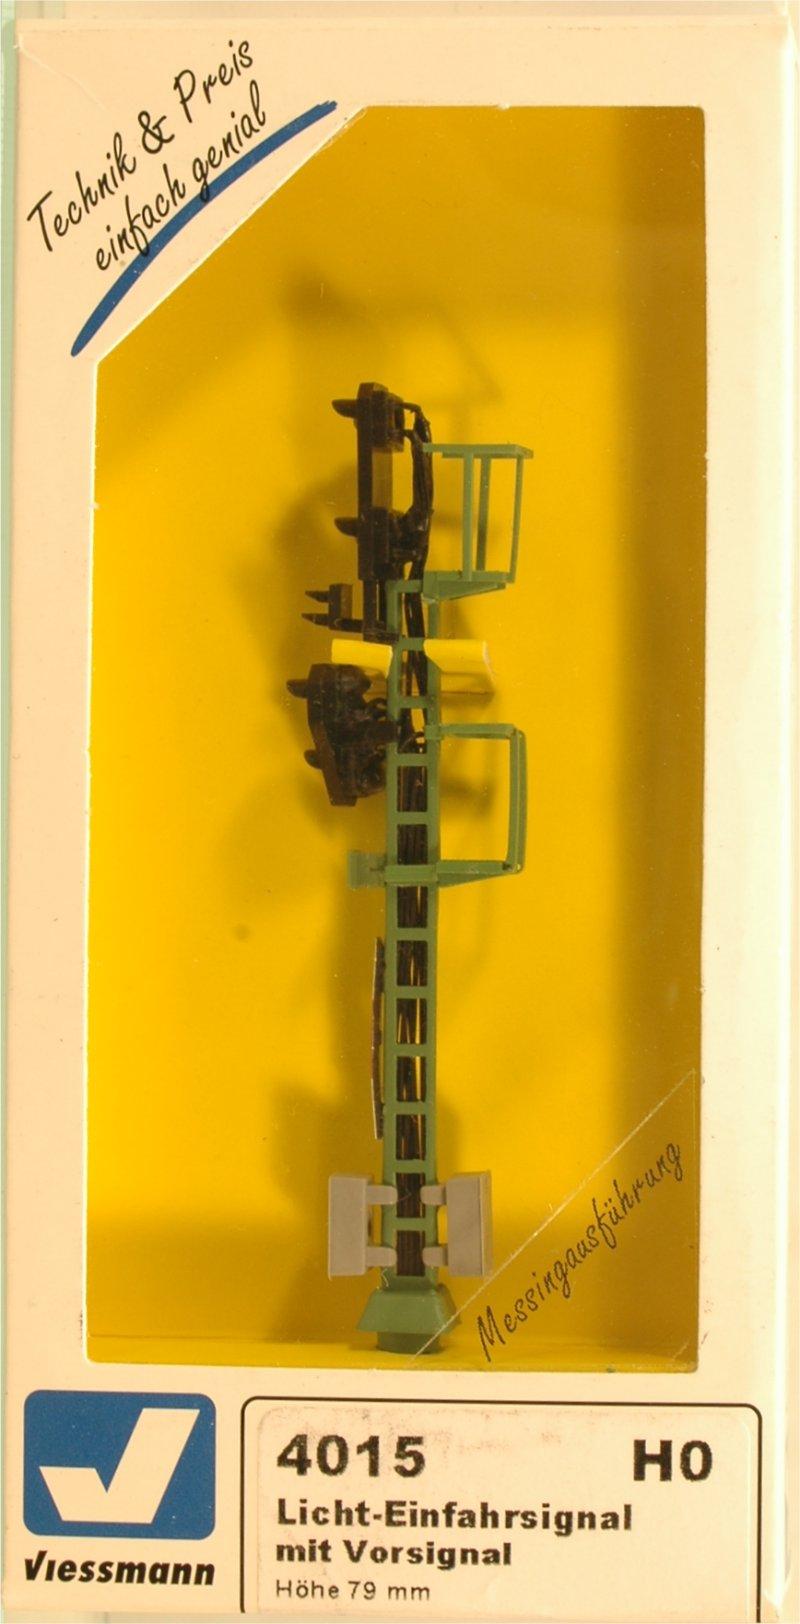 (Neu) Viessmann 4015 Licht-Einfahrsignal mit Vorsignal,